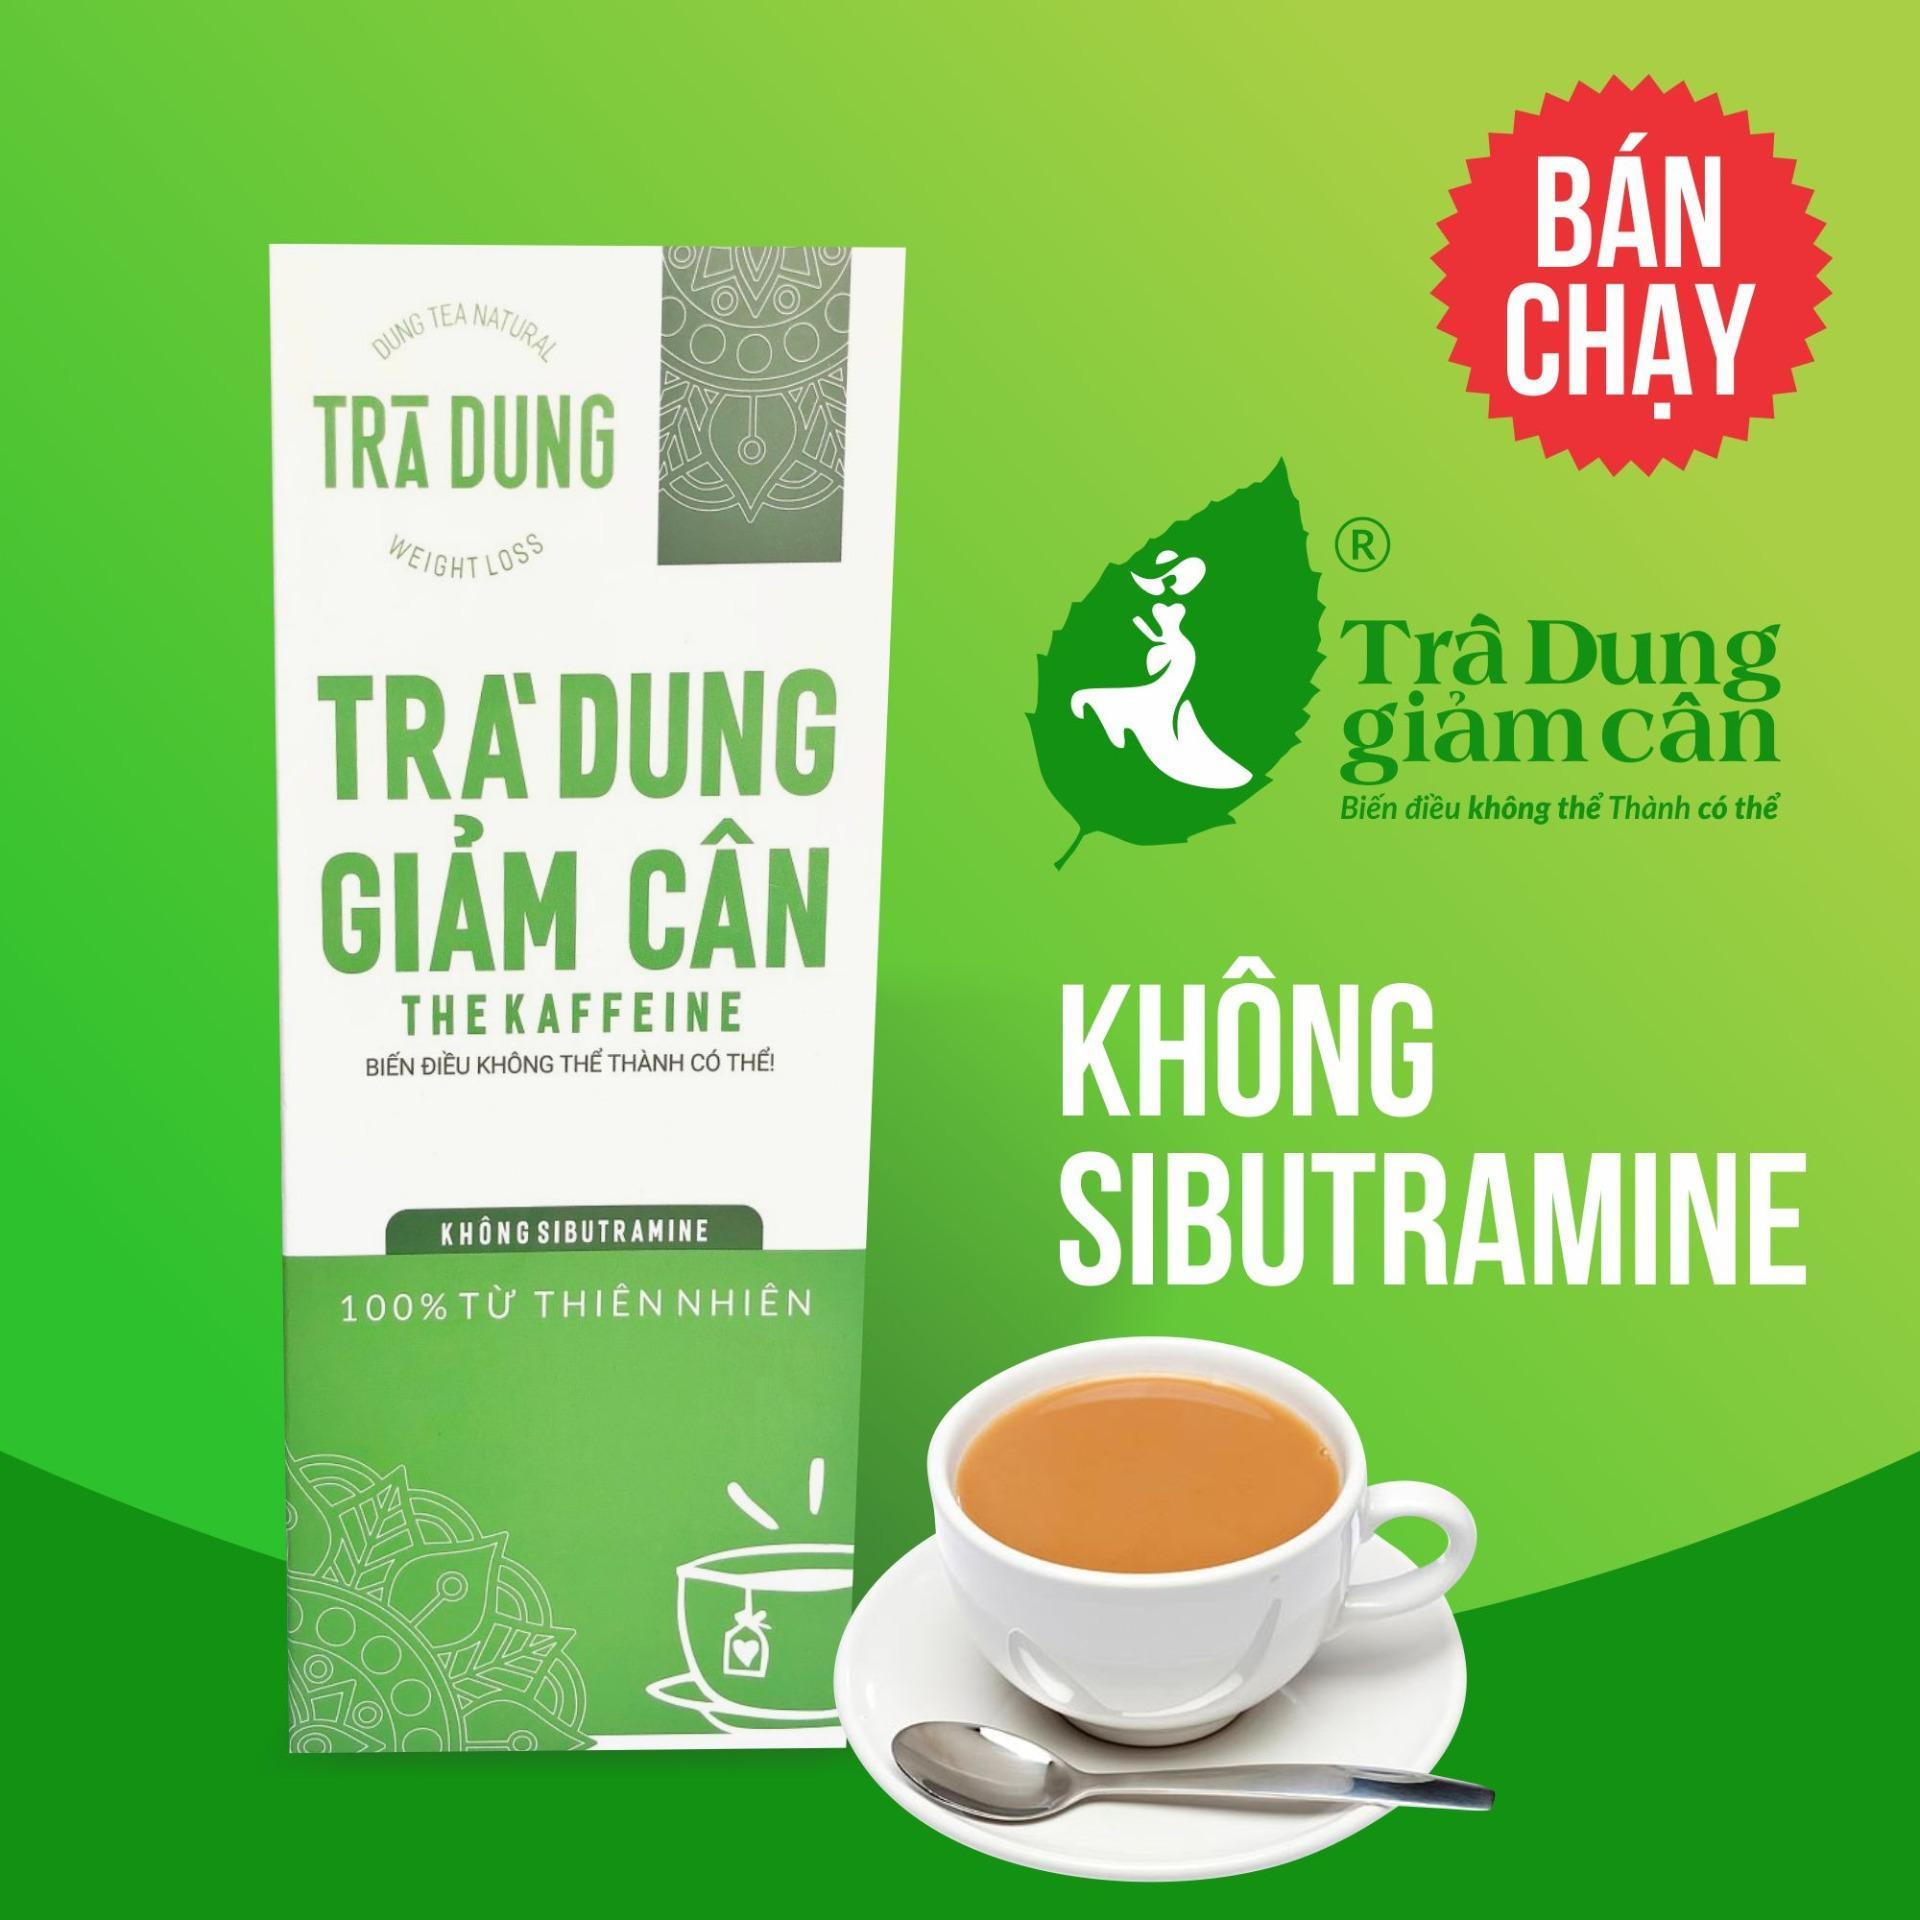 Trà dung Giảm cân The Kaffeine - Túi lọc 250g (Trà giảm cân)